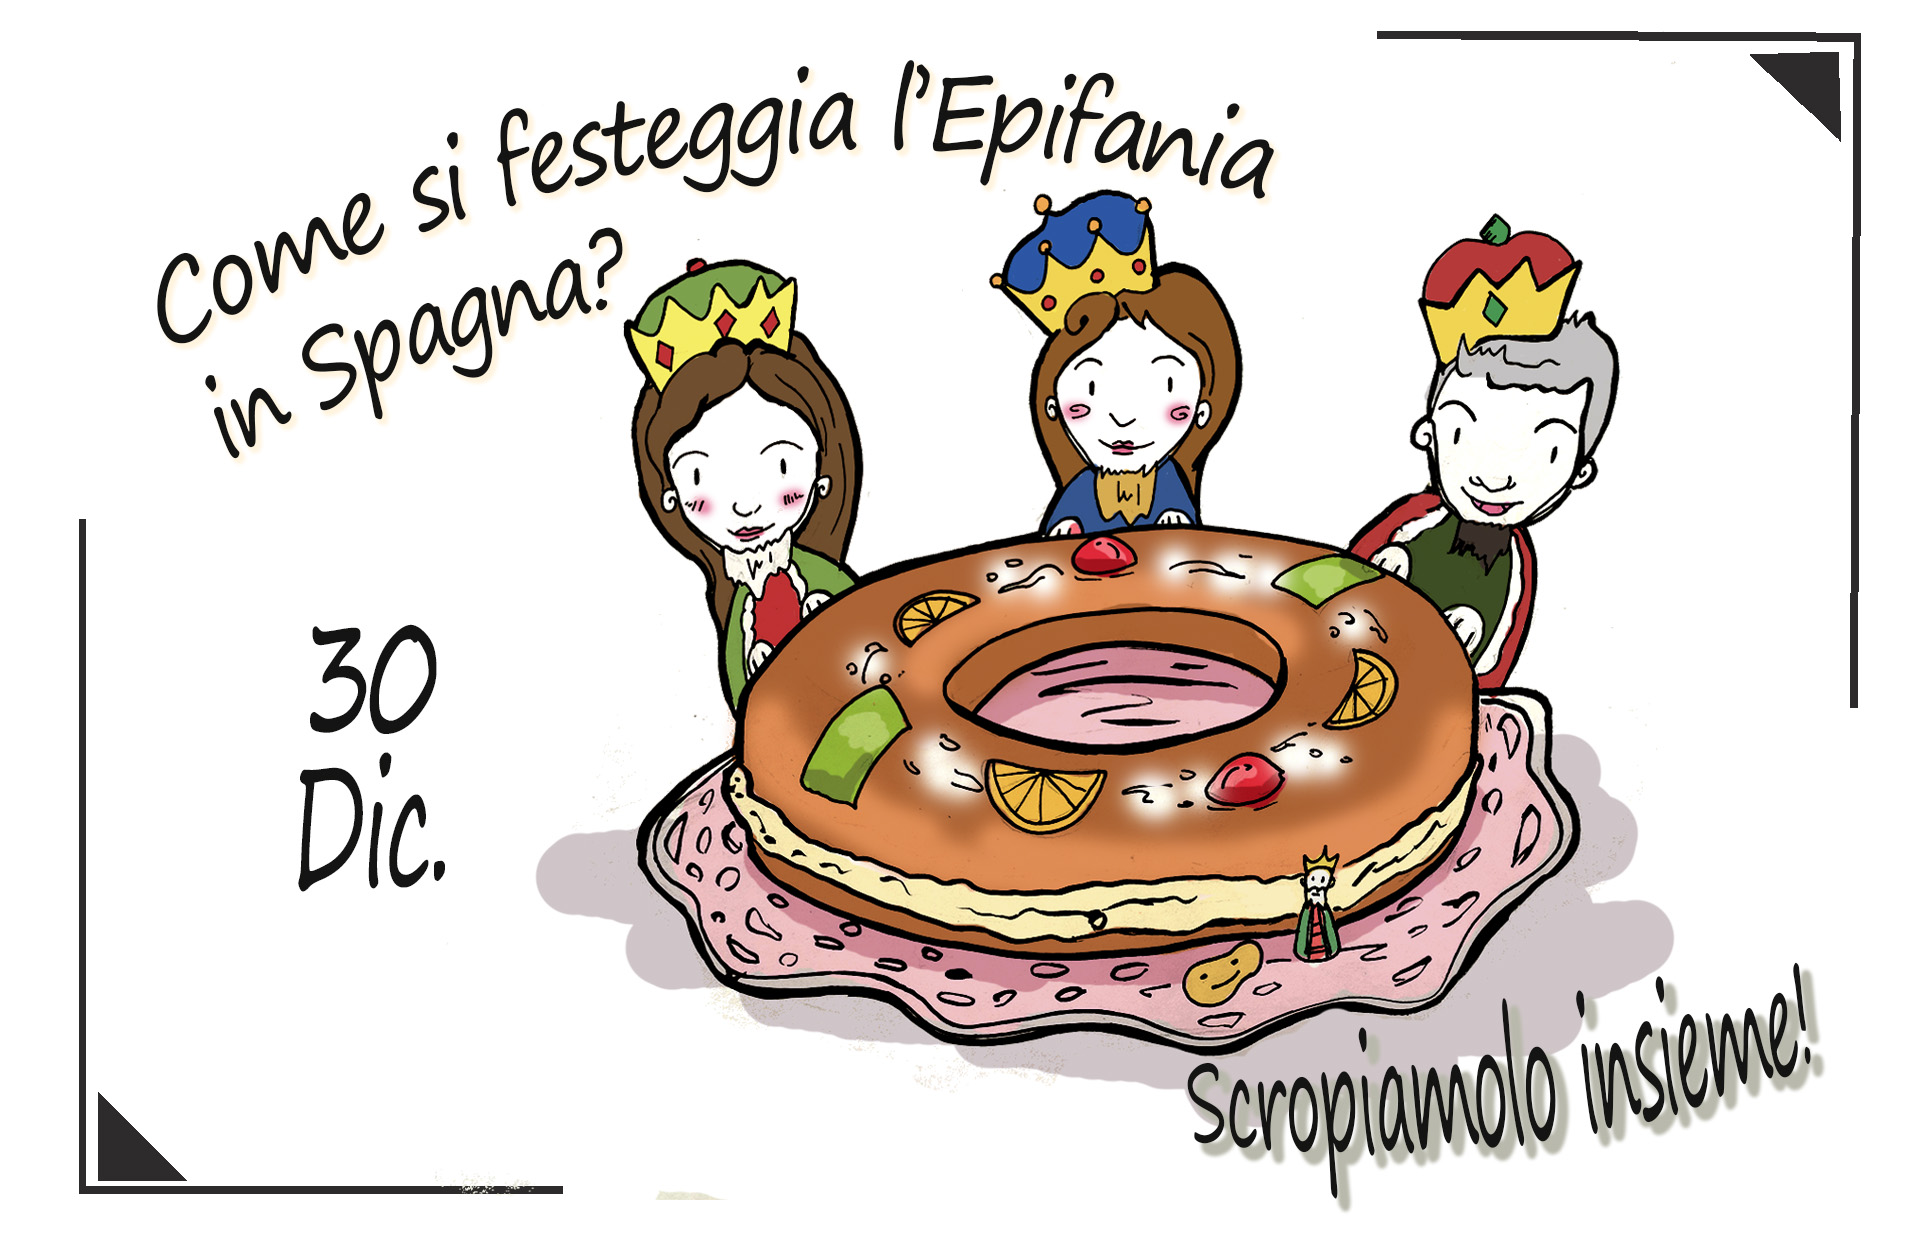 🥇Come si festeggia l'Epifania in Spagna?